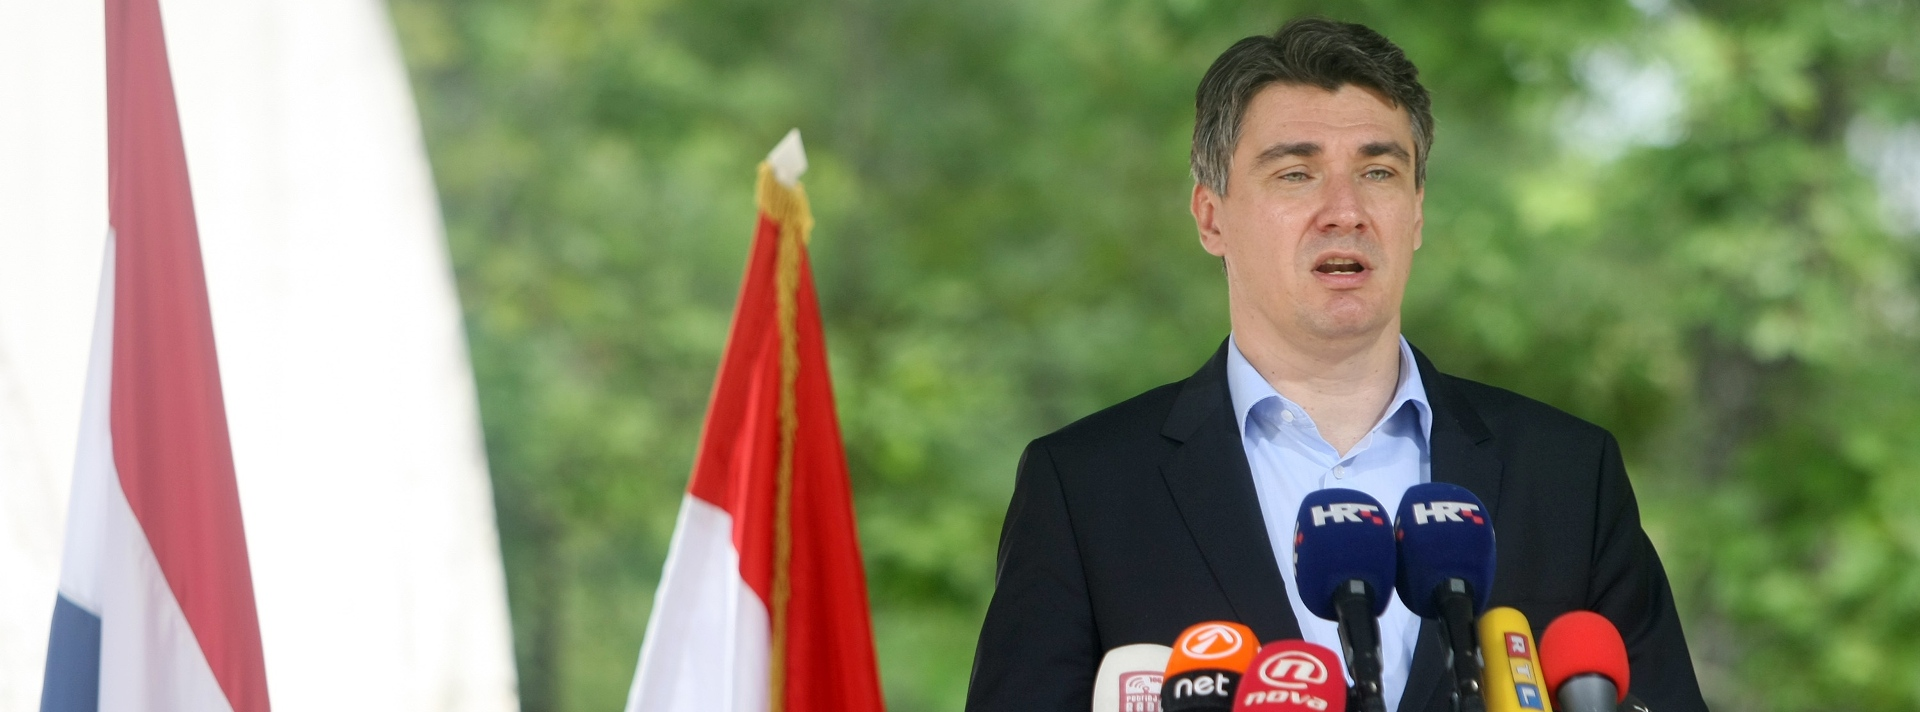 SVEČANOST U BREZOVICI Hrvatska u ponedjeljak slavi Dan antifašističke borbe